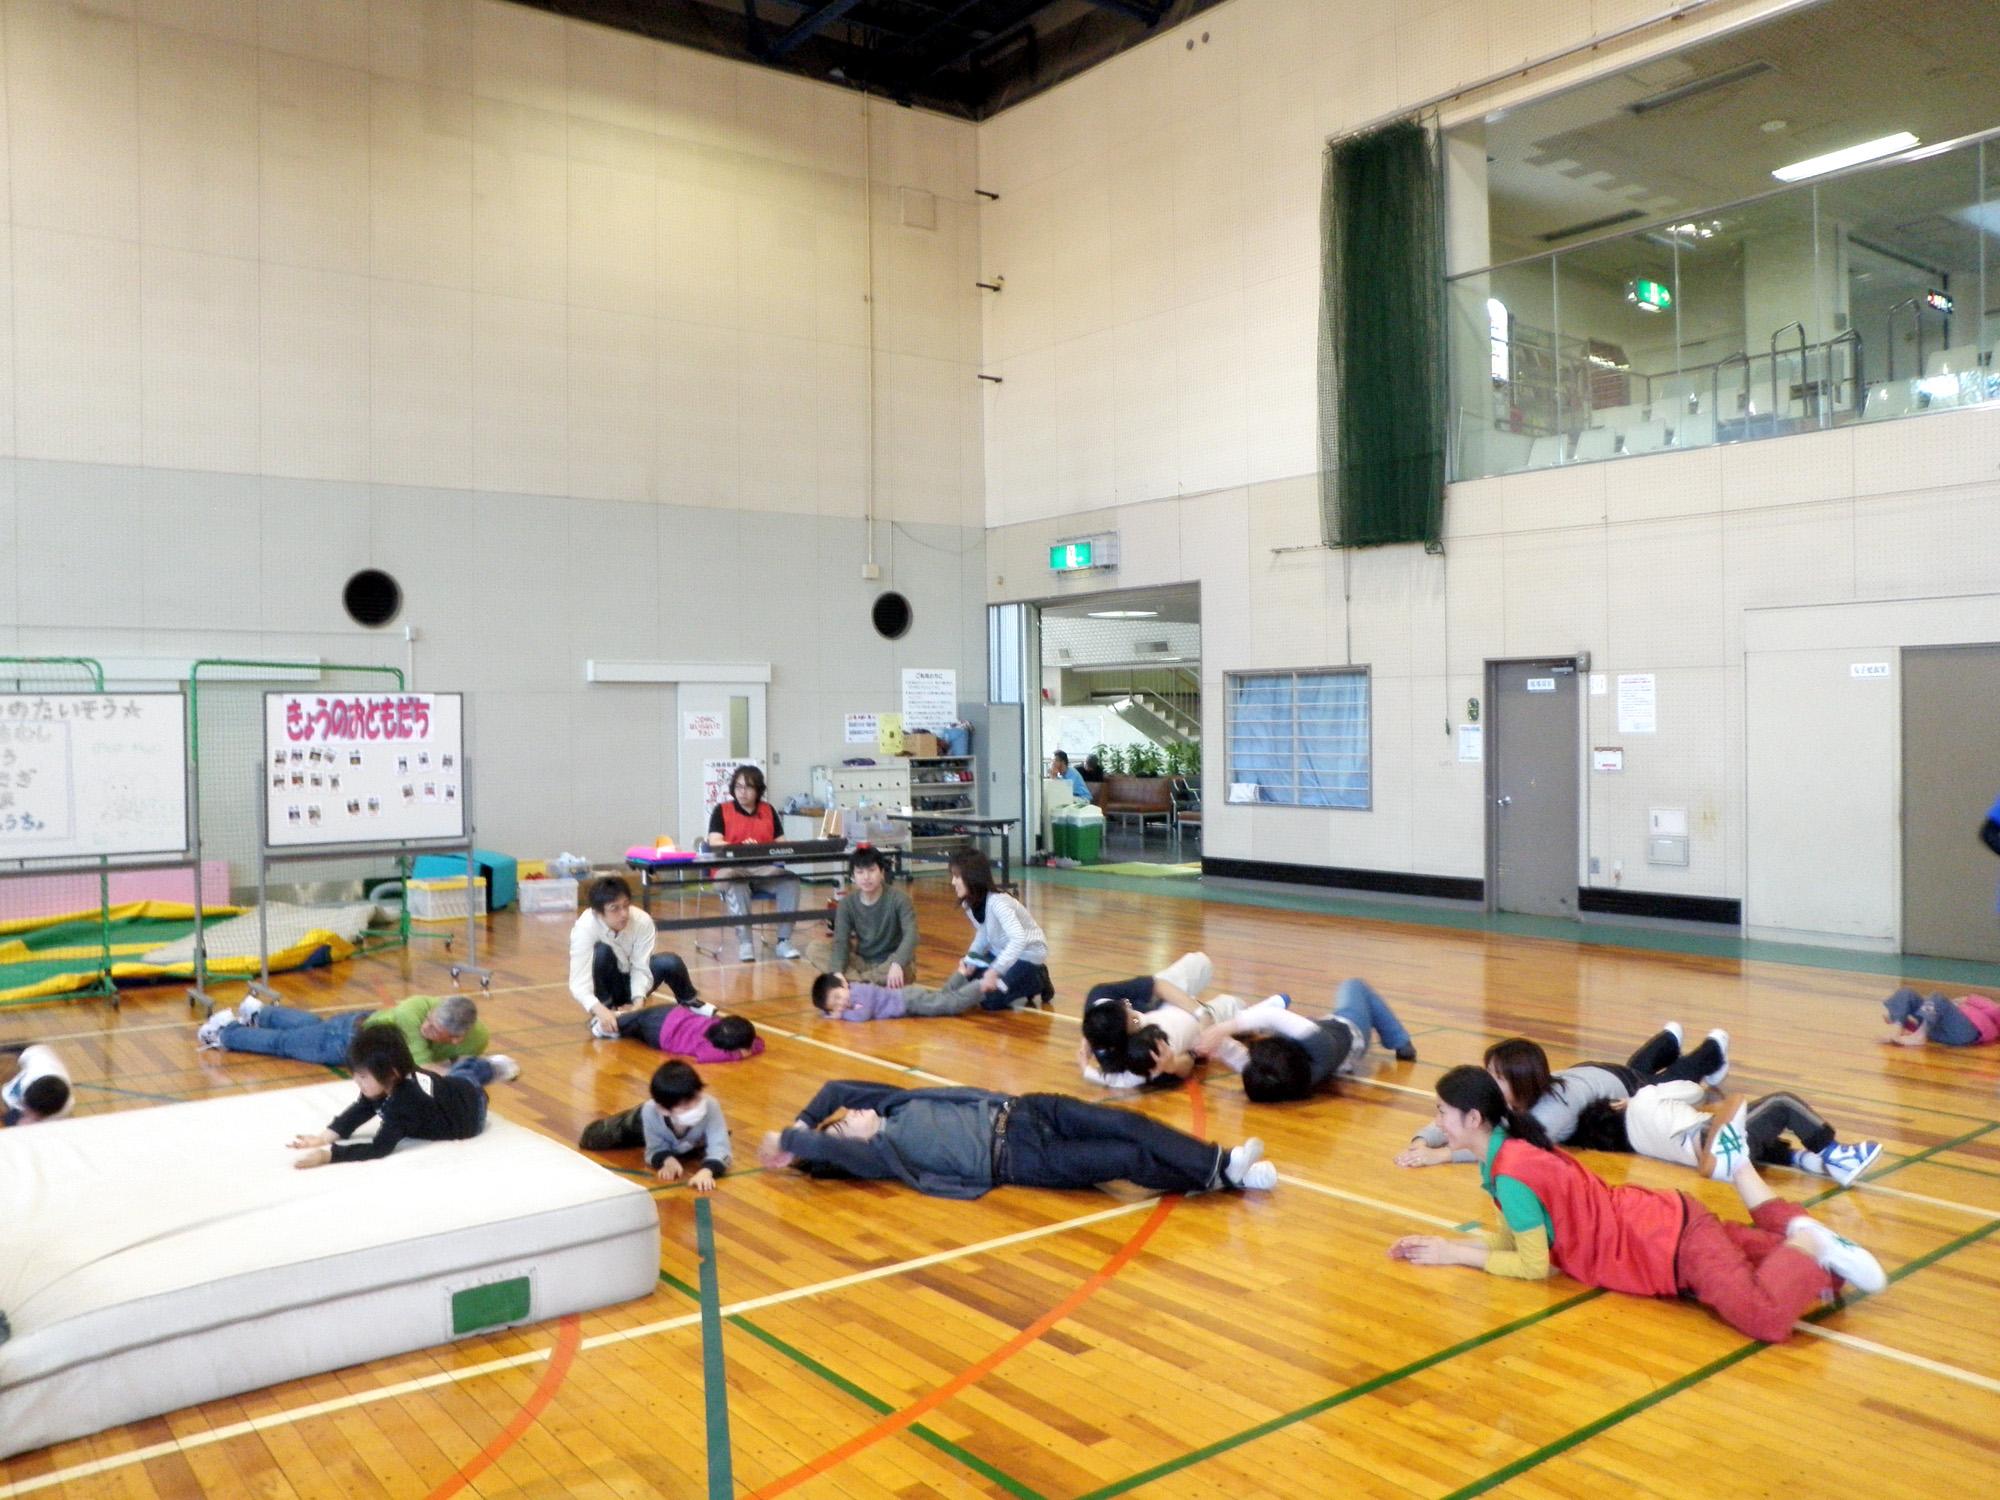 P1240342 - 親子で楽しむキッズ体操クラブ教室より ・・・親子でリズム体操を楽しんでいます。